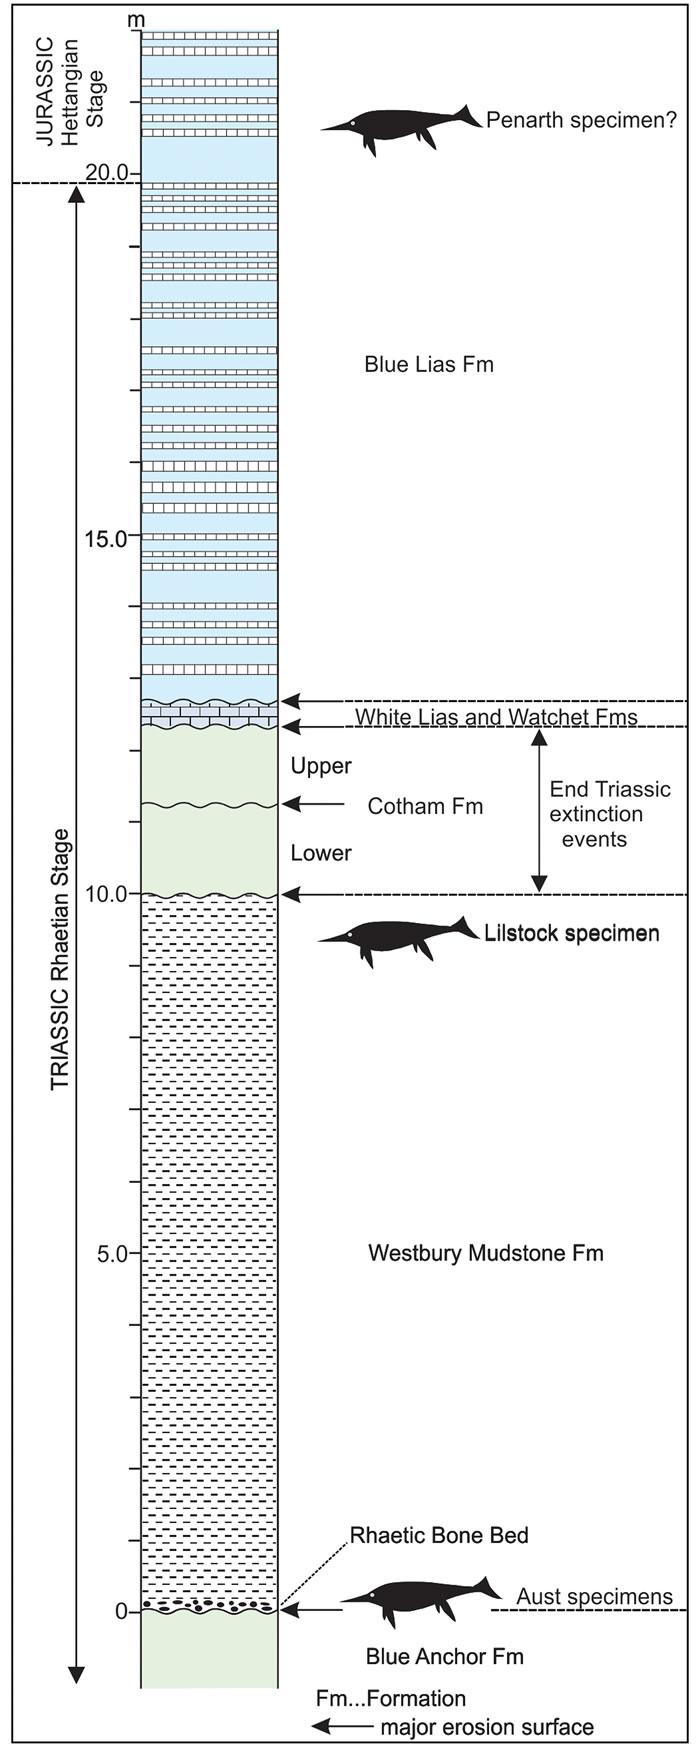 英国萨默塞特发现迄今为止最大海洋爬行动物化石